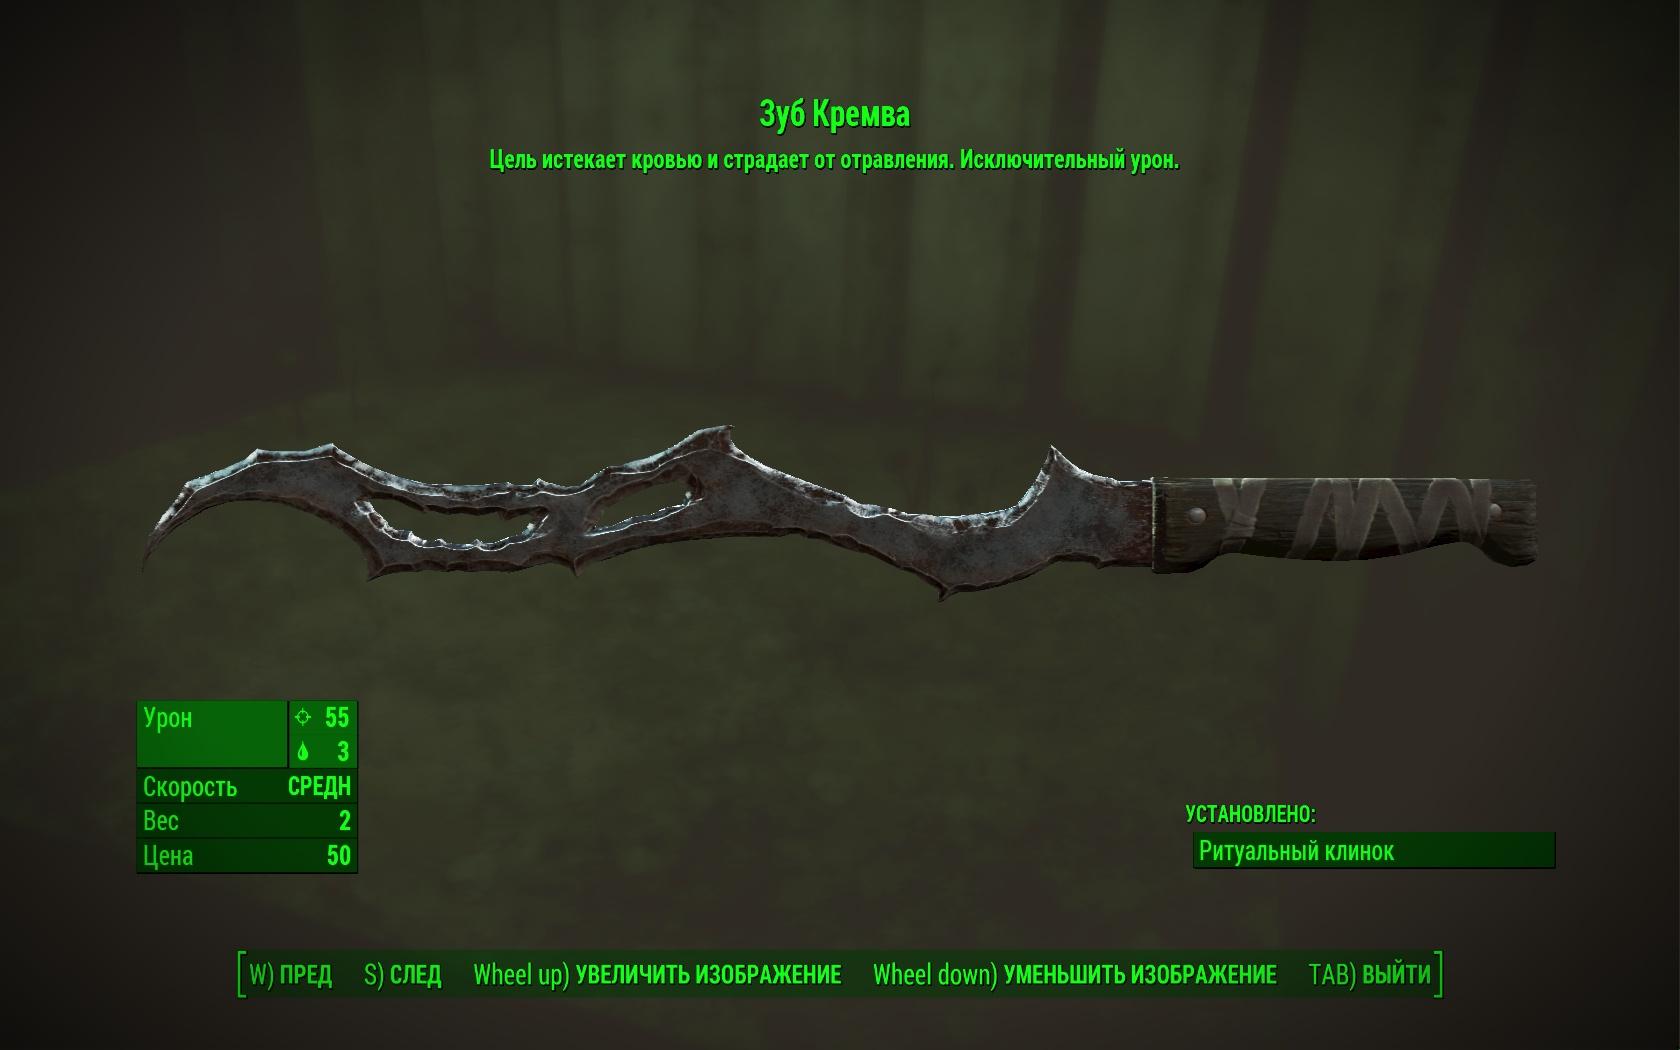 Зуб Кремва - Fallout 4 Зуб, Зуб Кремва, Кремв, Оружие